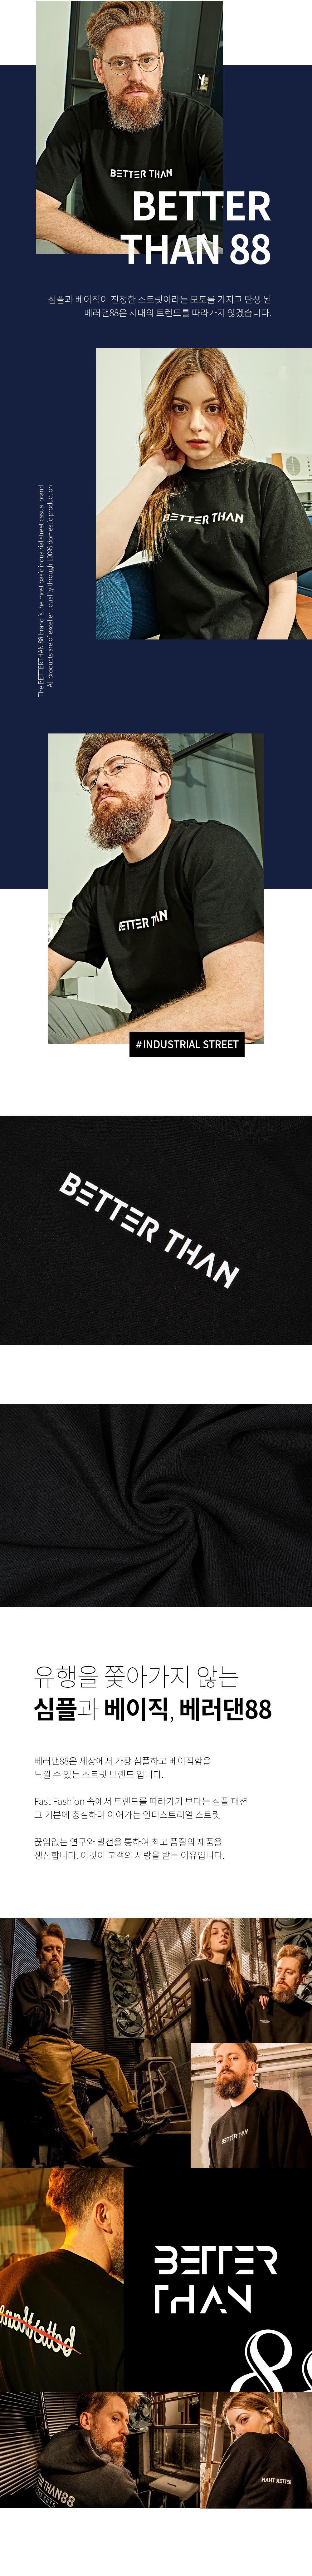 [베러댄88] W1592BB 윈드케이프 오버핏 워싱 20수 반팔티셔츠 우먼 밴타블랙